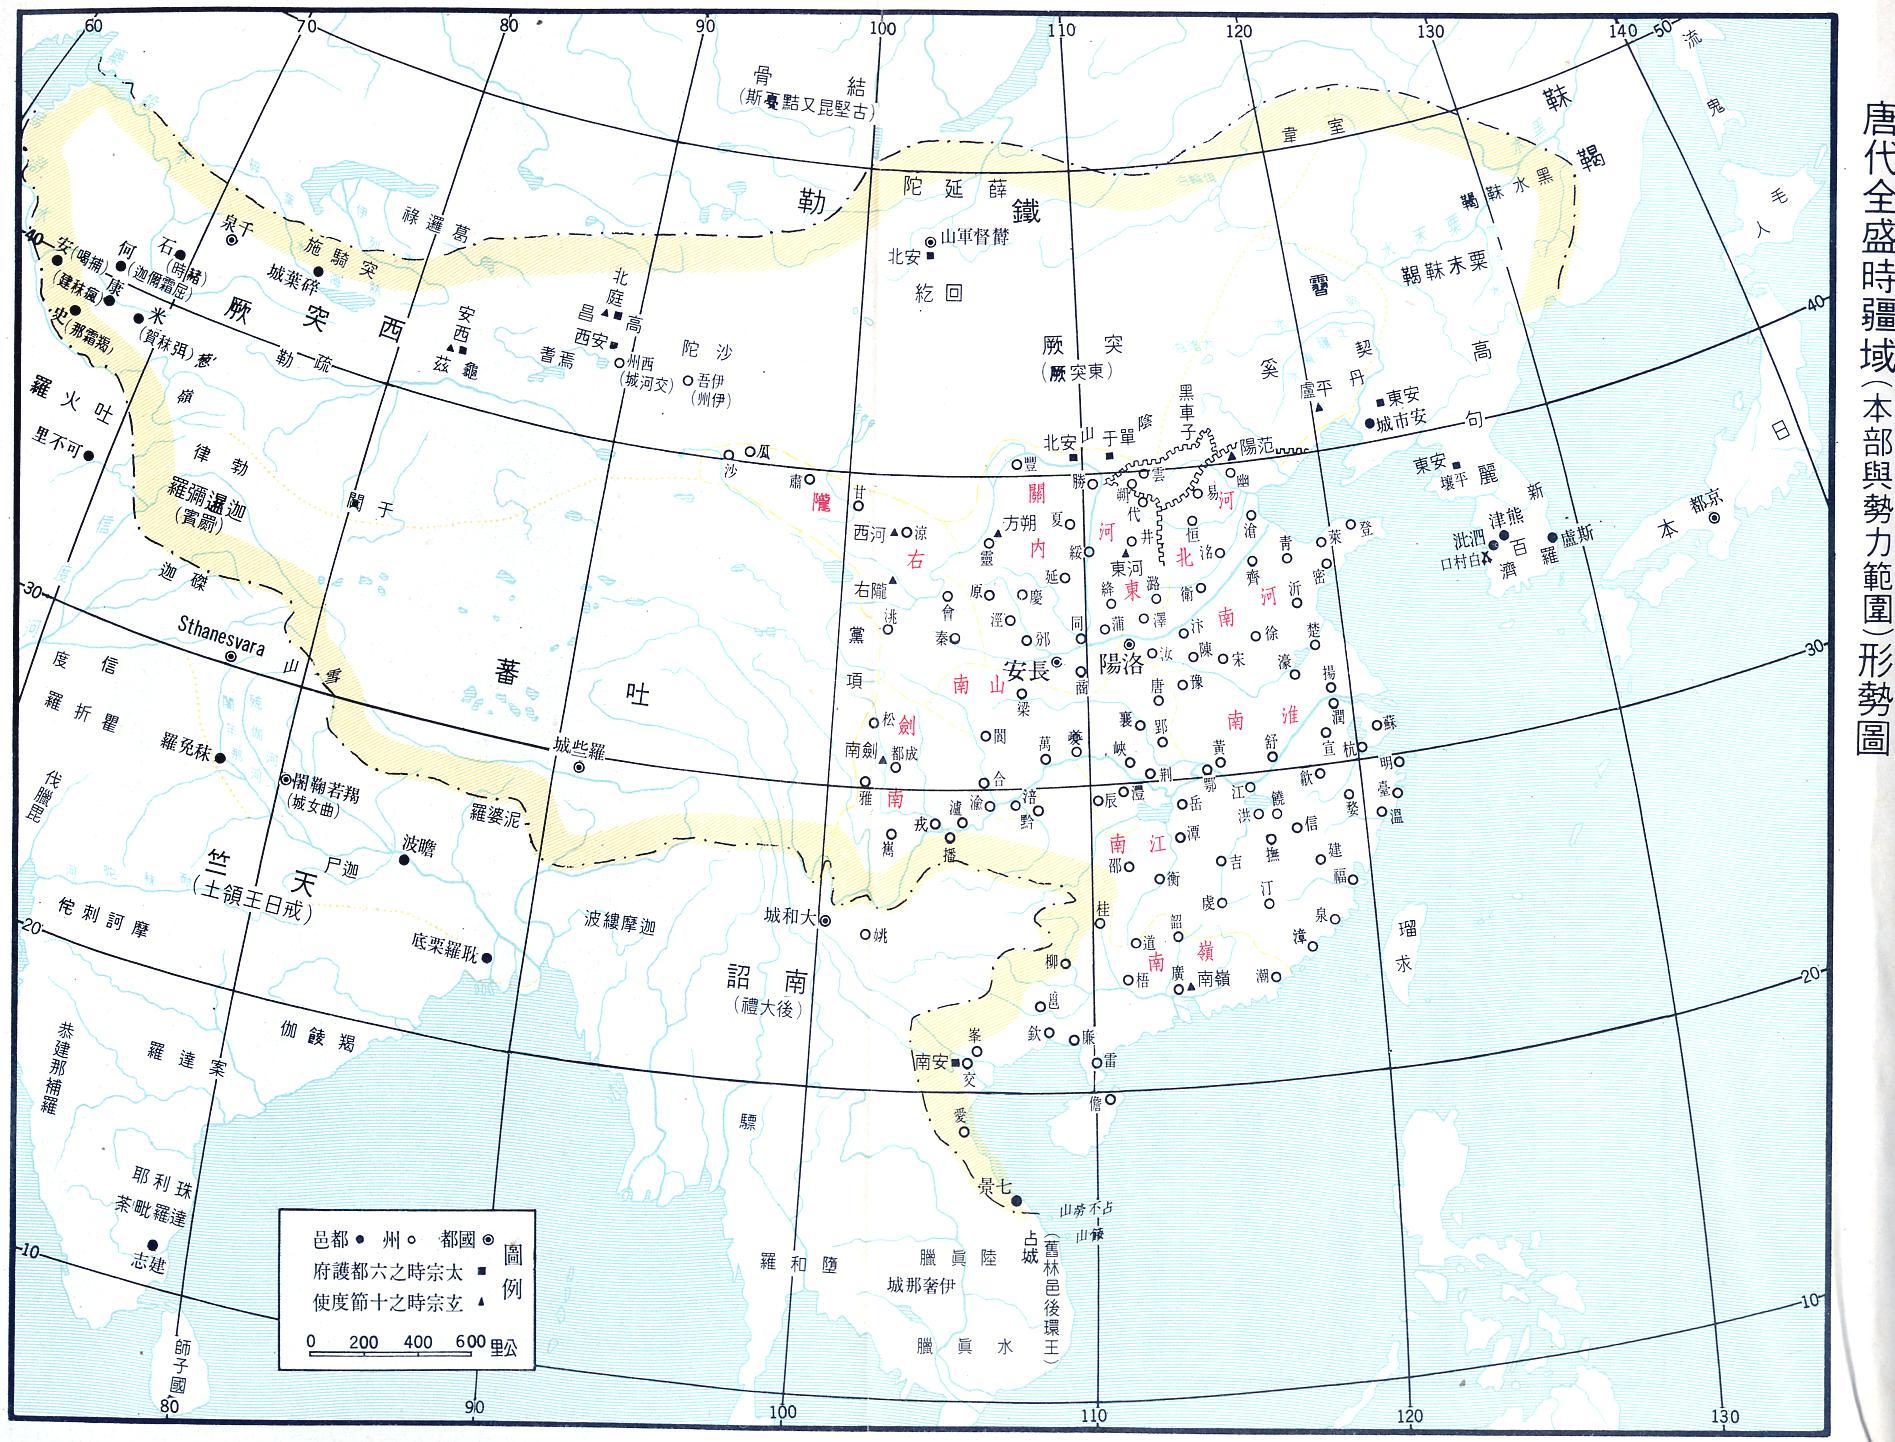 唐代全盛时疆域(本部与势力范围)形势图